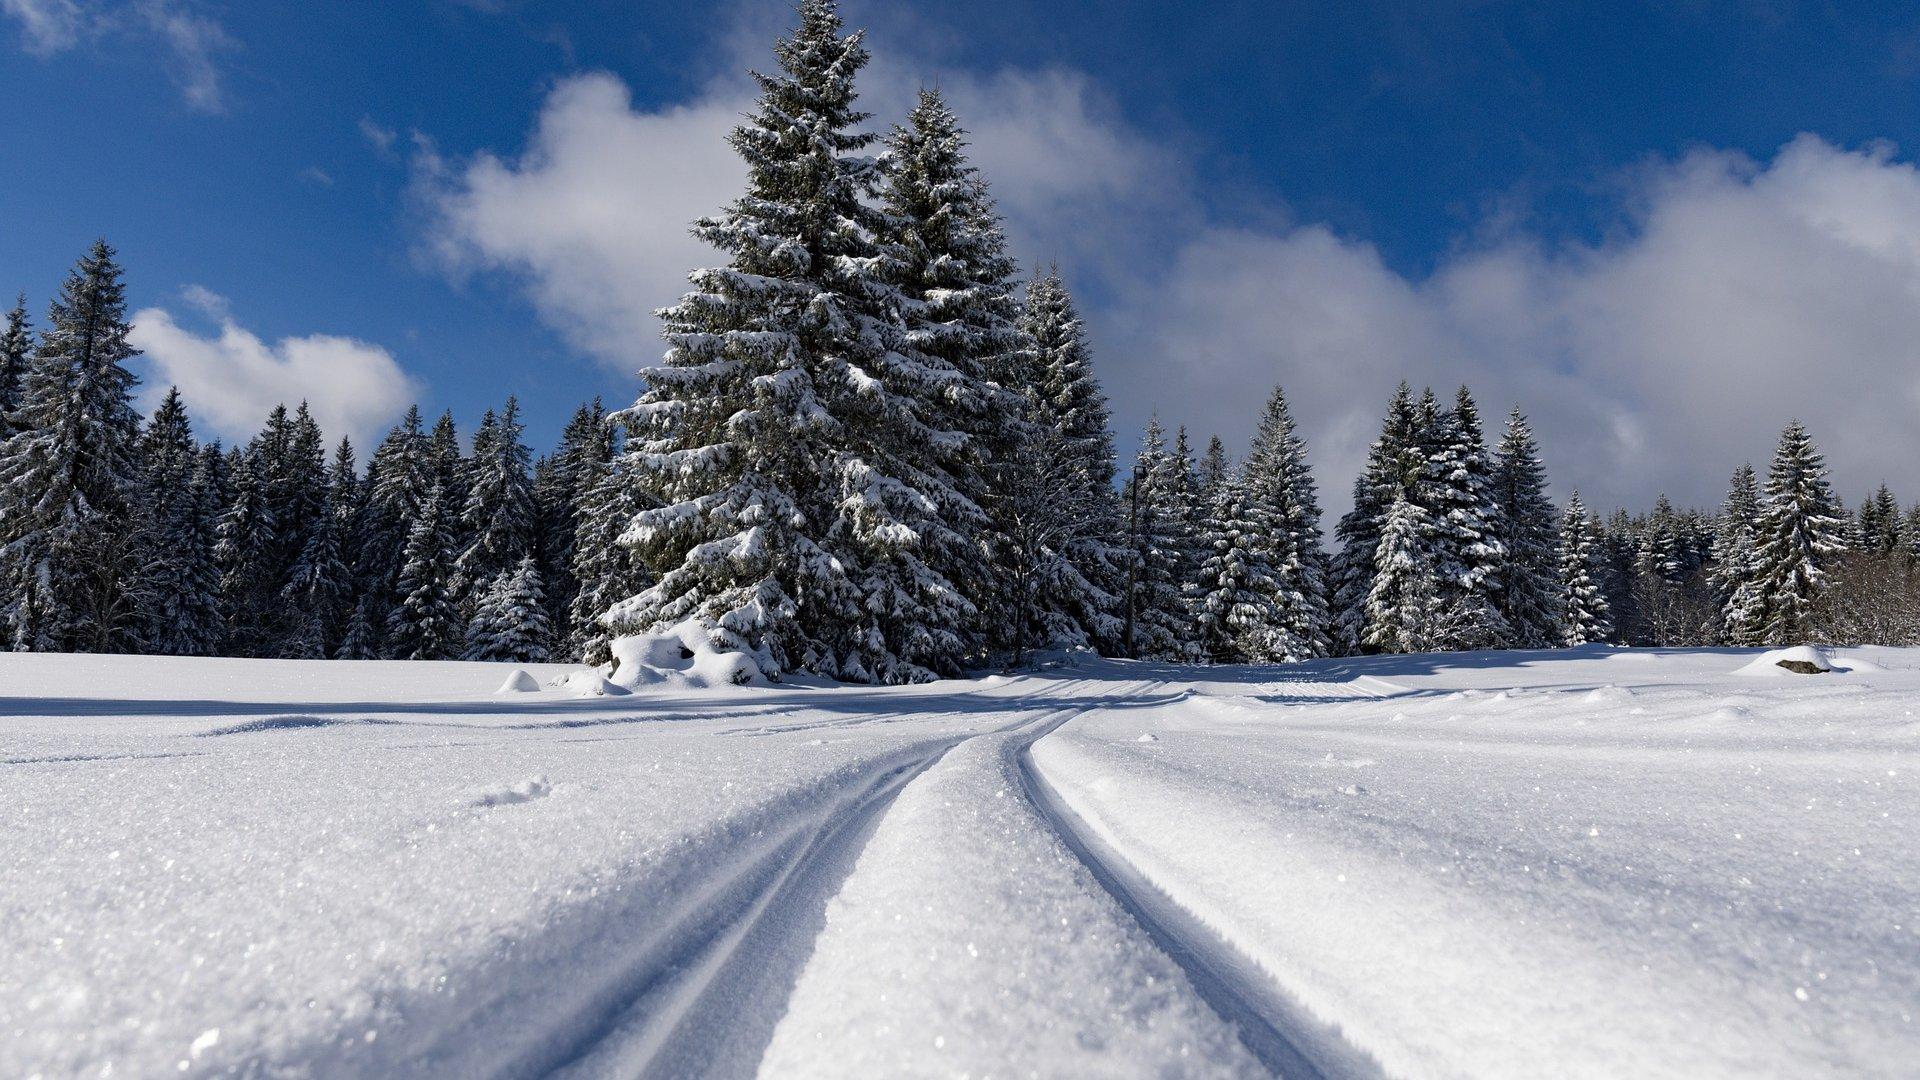 <h2>Winter auf dem Wenzelhof</h2><p>Ausgedehnter Wintersport ist auf dem Wenzelhof ebenfalls möglich. Langlauf, Abfahrt oder einfach nur mit den Kindern Schlitten fahren - ein Spass für Jung und Alt!</p><a title='Mehr lesen' href='http://www.wenzelhof.de/urlaub-im-winterparadies/'>Mehr erfahren</a>